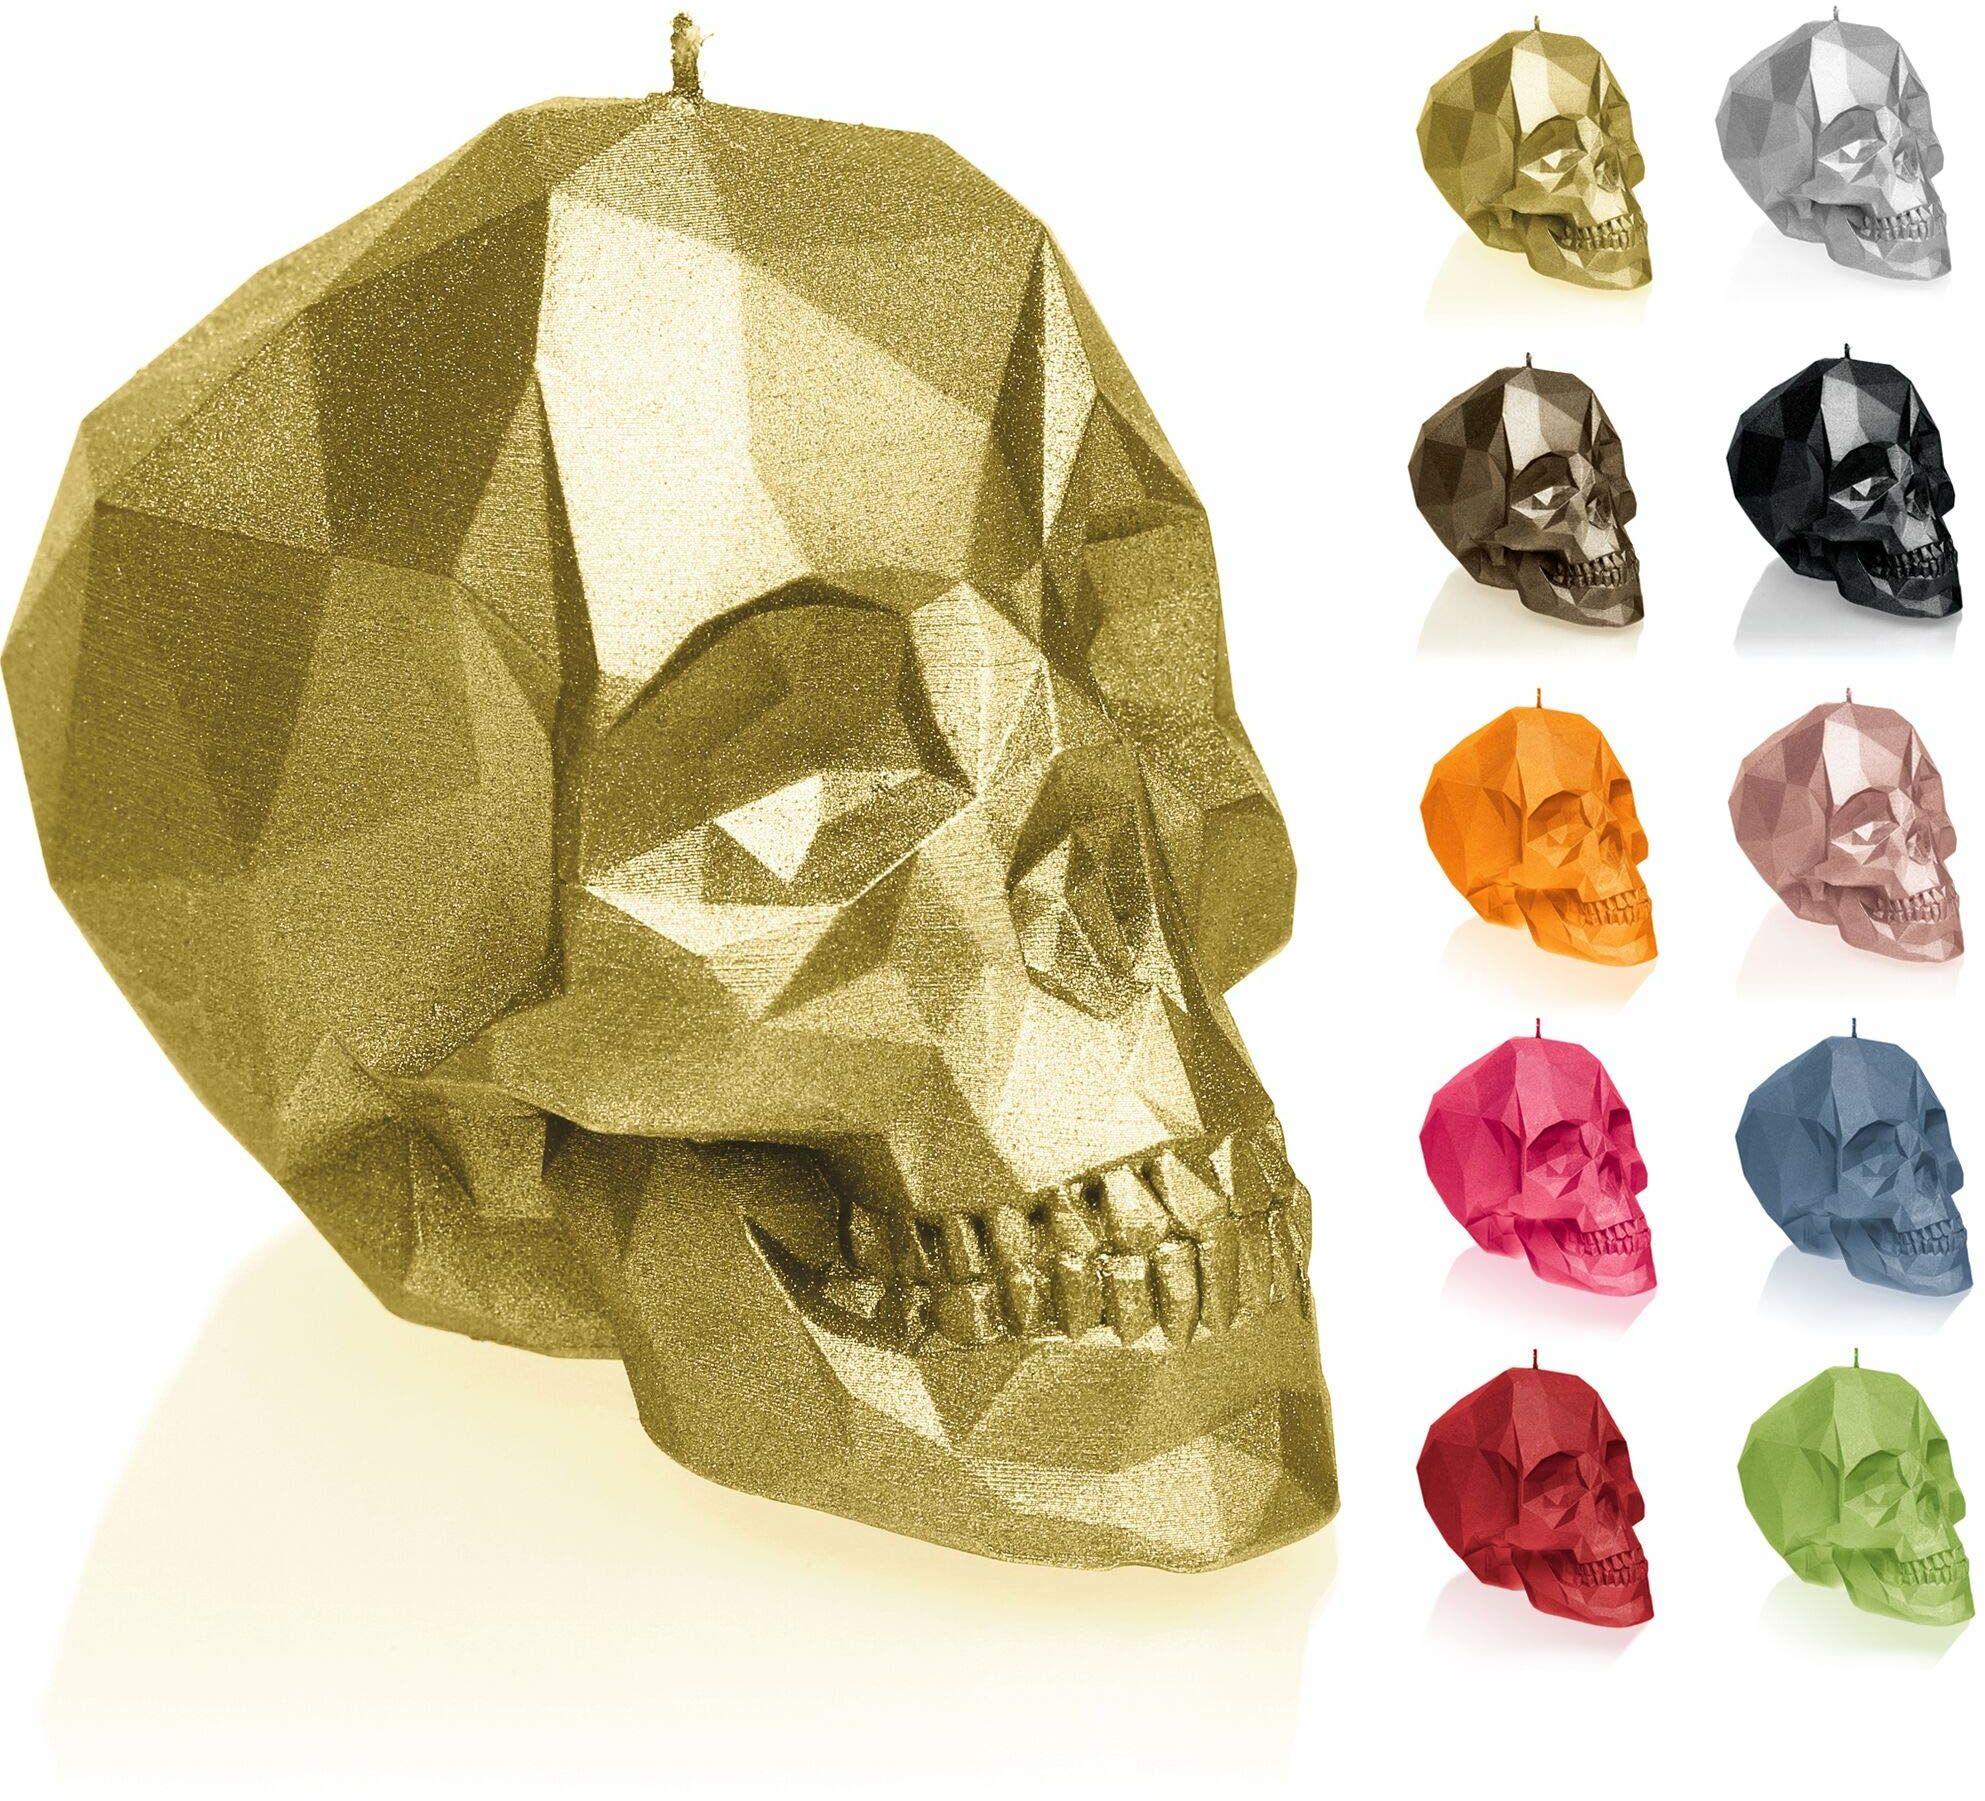 Candellana Świeca mała czaszka Low Poly wysokość: 7,5 cm klasyczne złoto trupia czaszka wykonana ręcznie w UE 5903104883362, klasyczne złoto, 7,5 x 10 x 6,5 cm